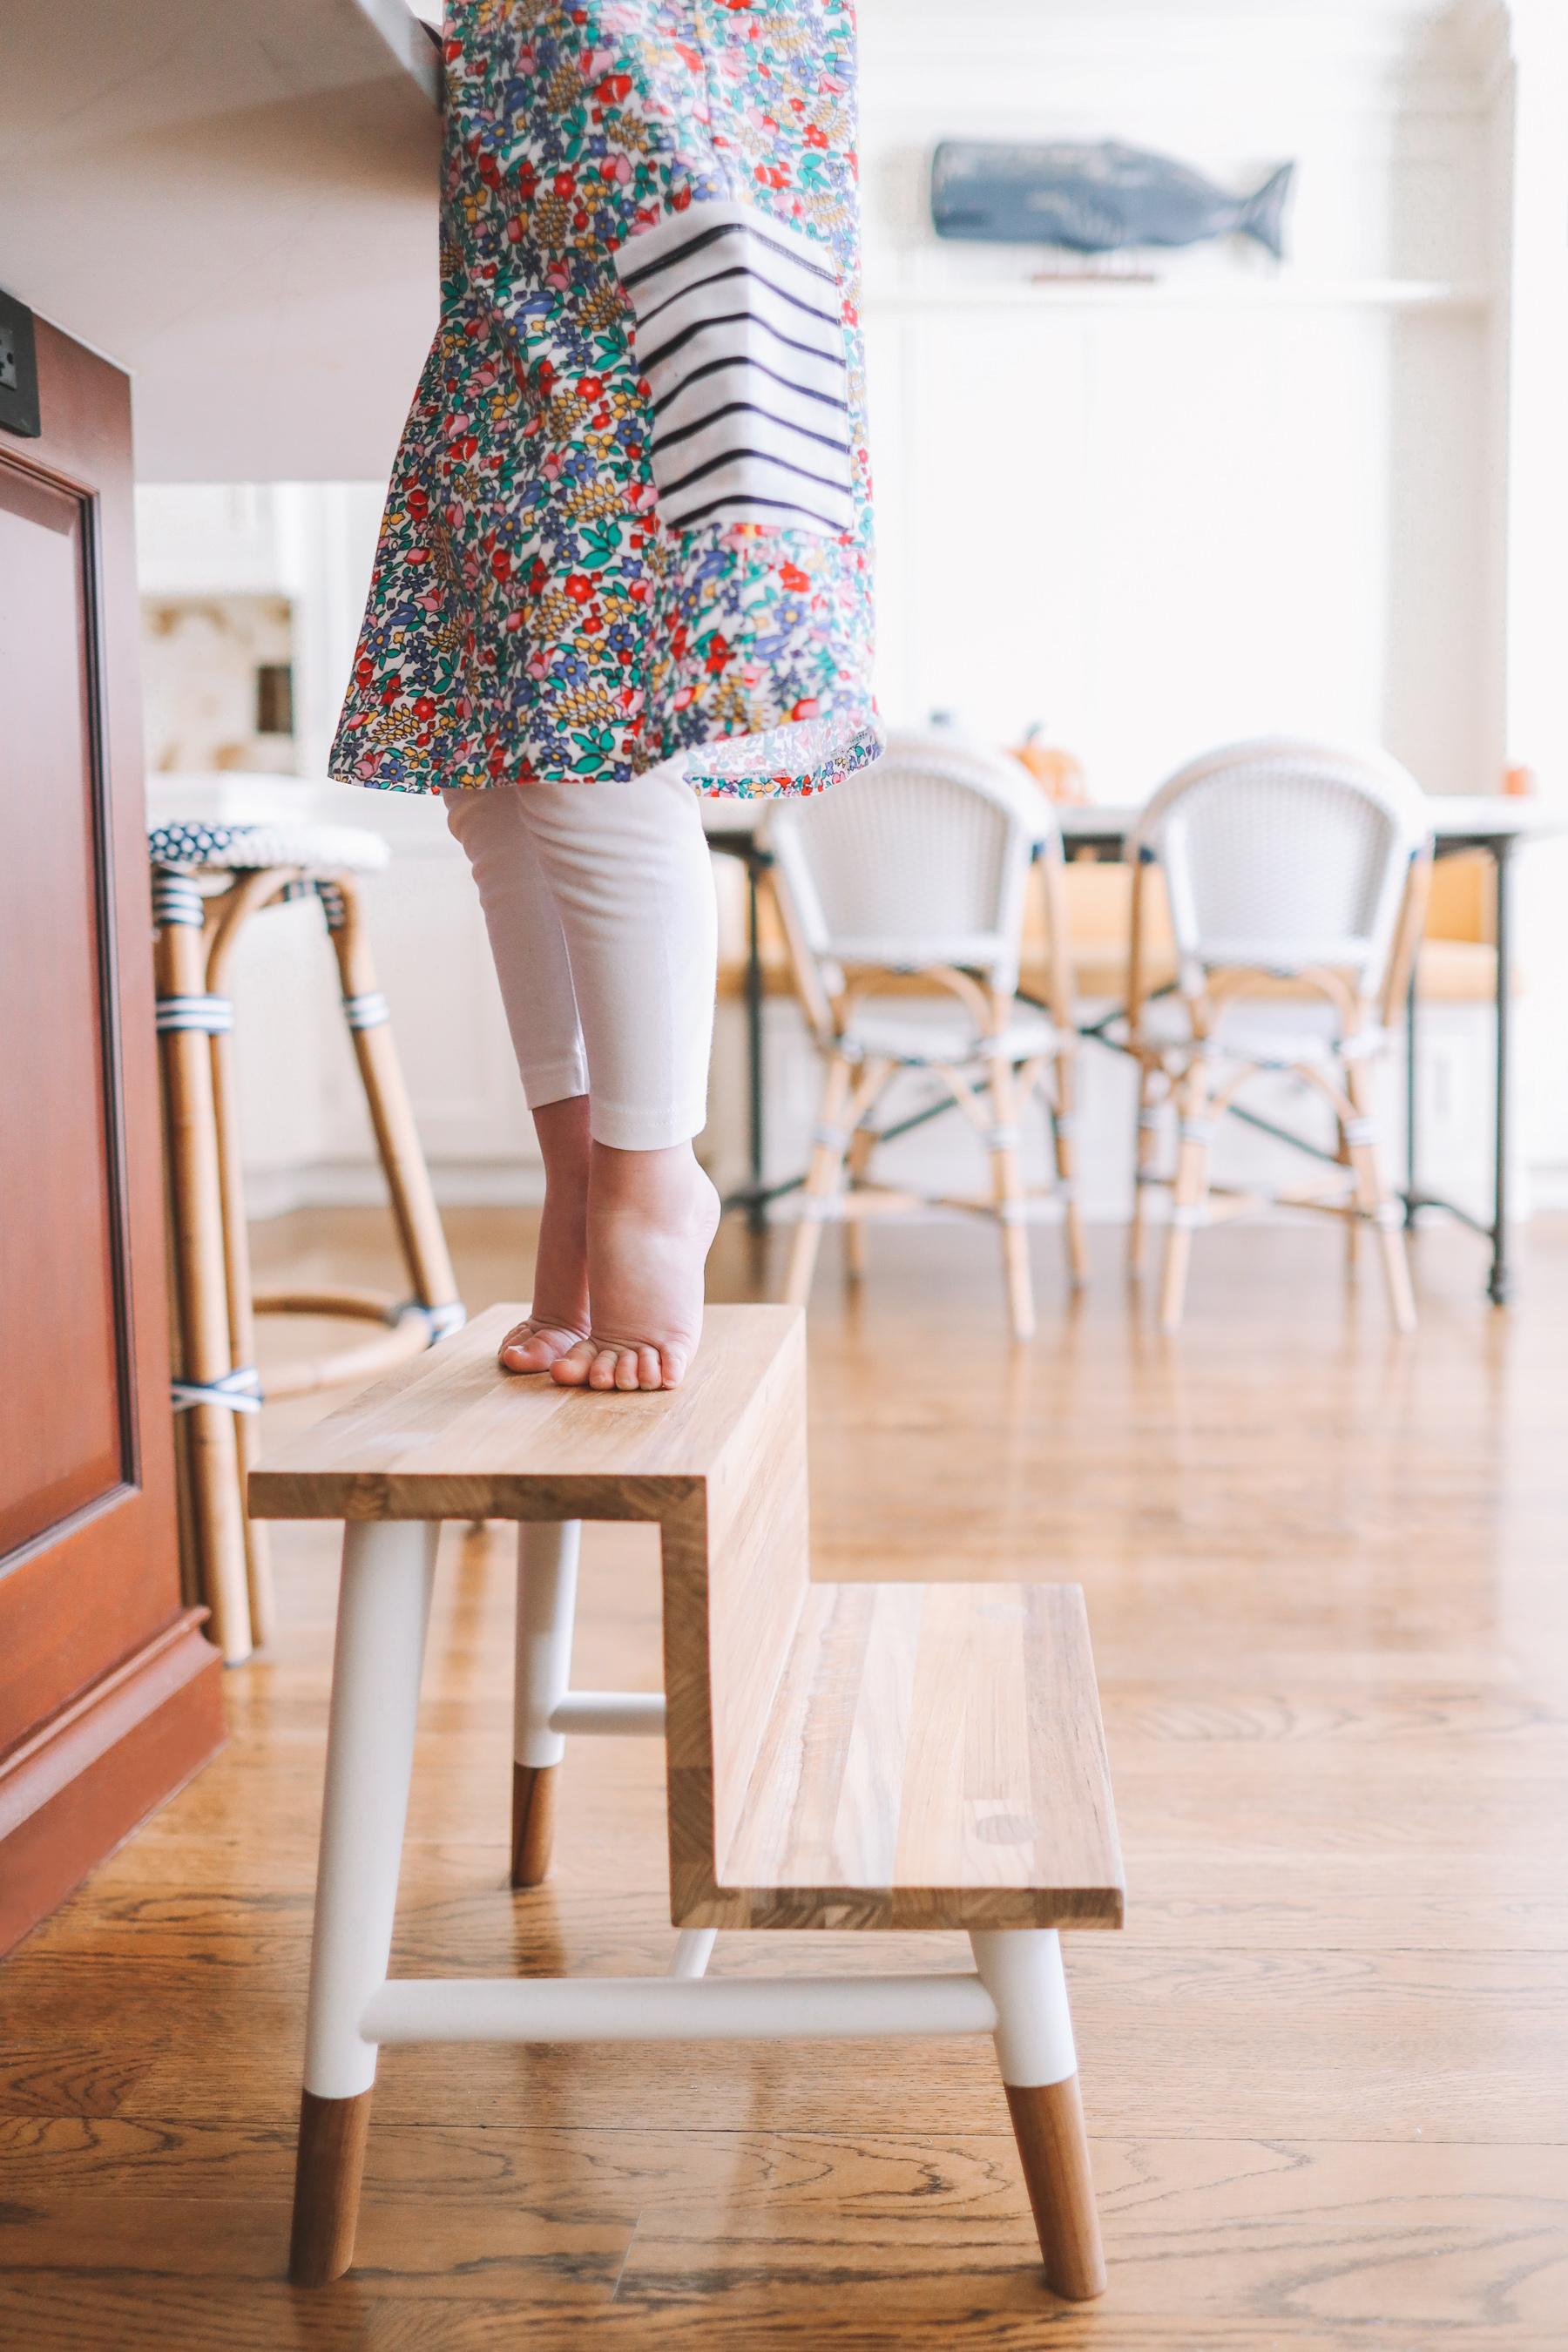 Teak step stool